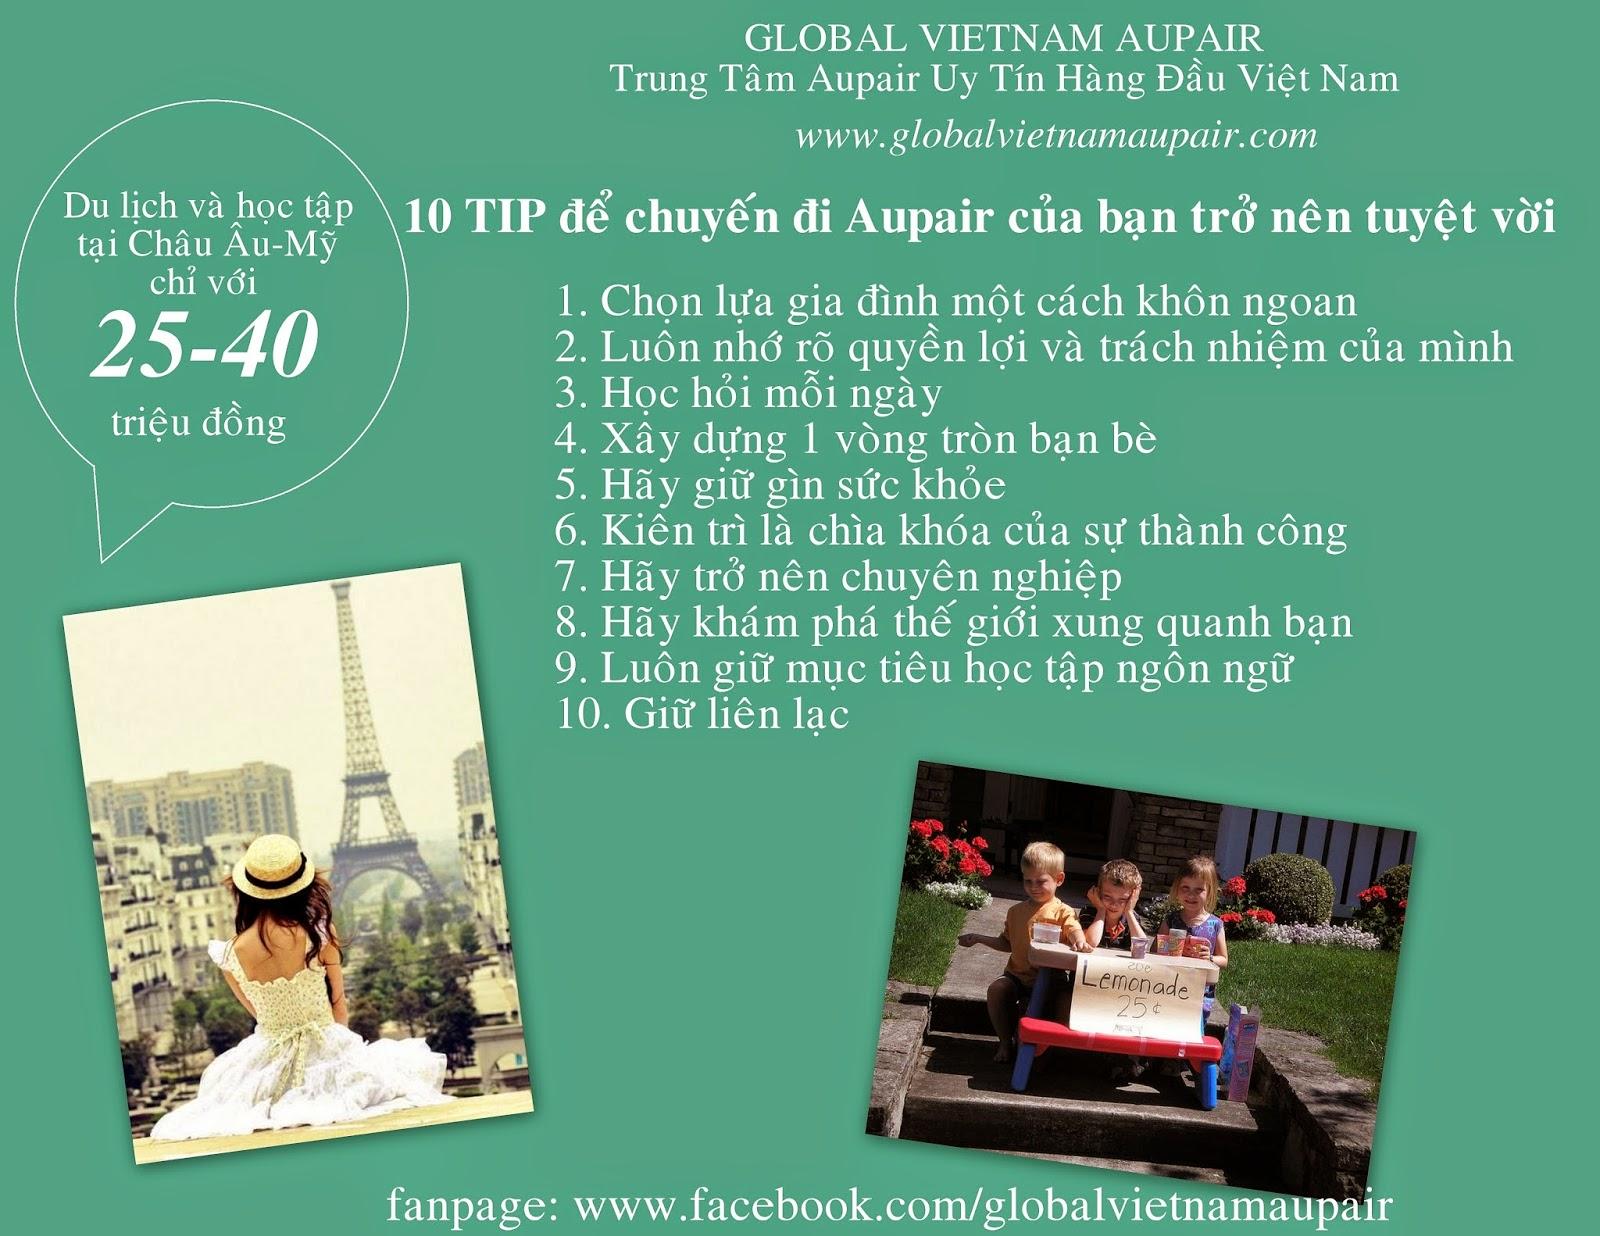 10 TIP để làm cho chuyến đi Aupair của bạn trở nên tuyệt diệu.